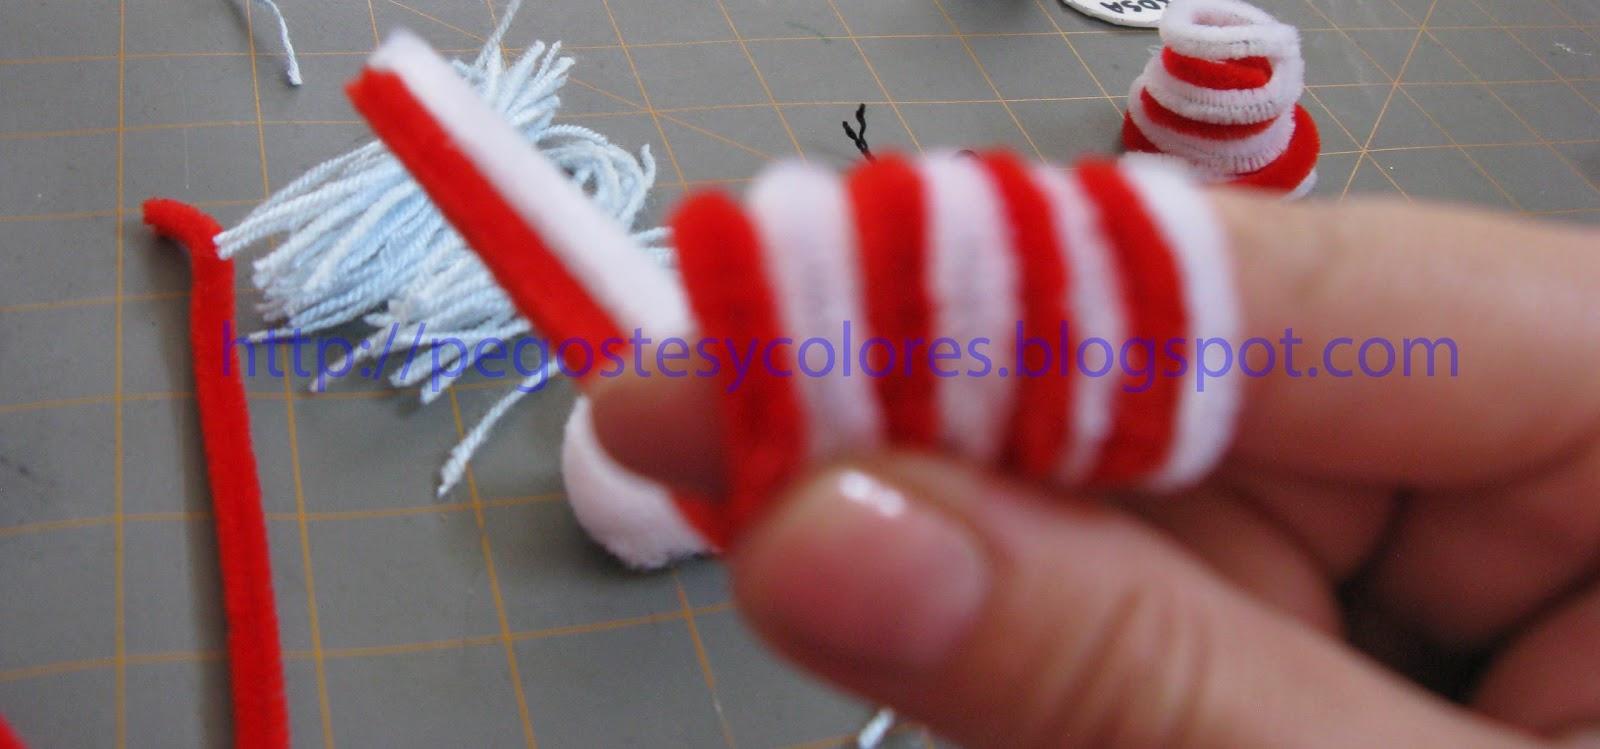 Pegostes y Colores: Titeres de Limpia Pipas de El Gato Ensombrerado